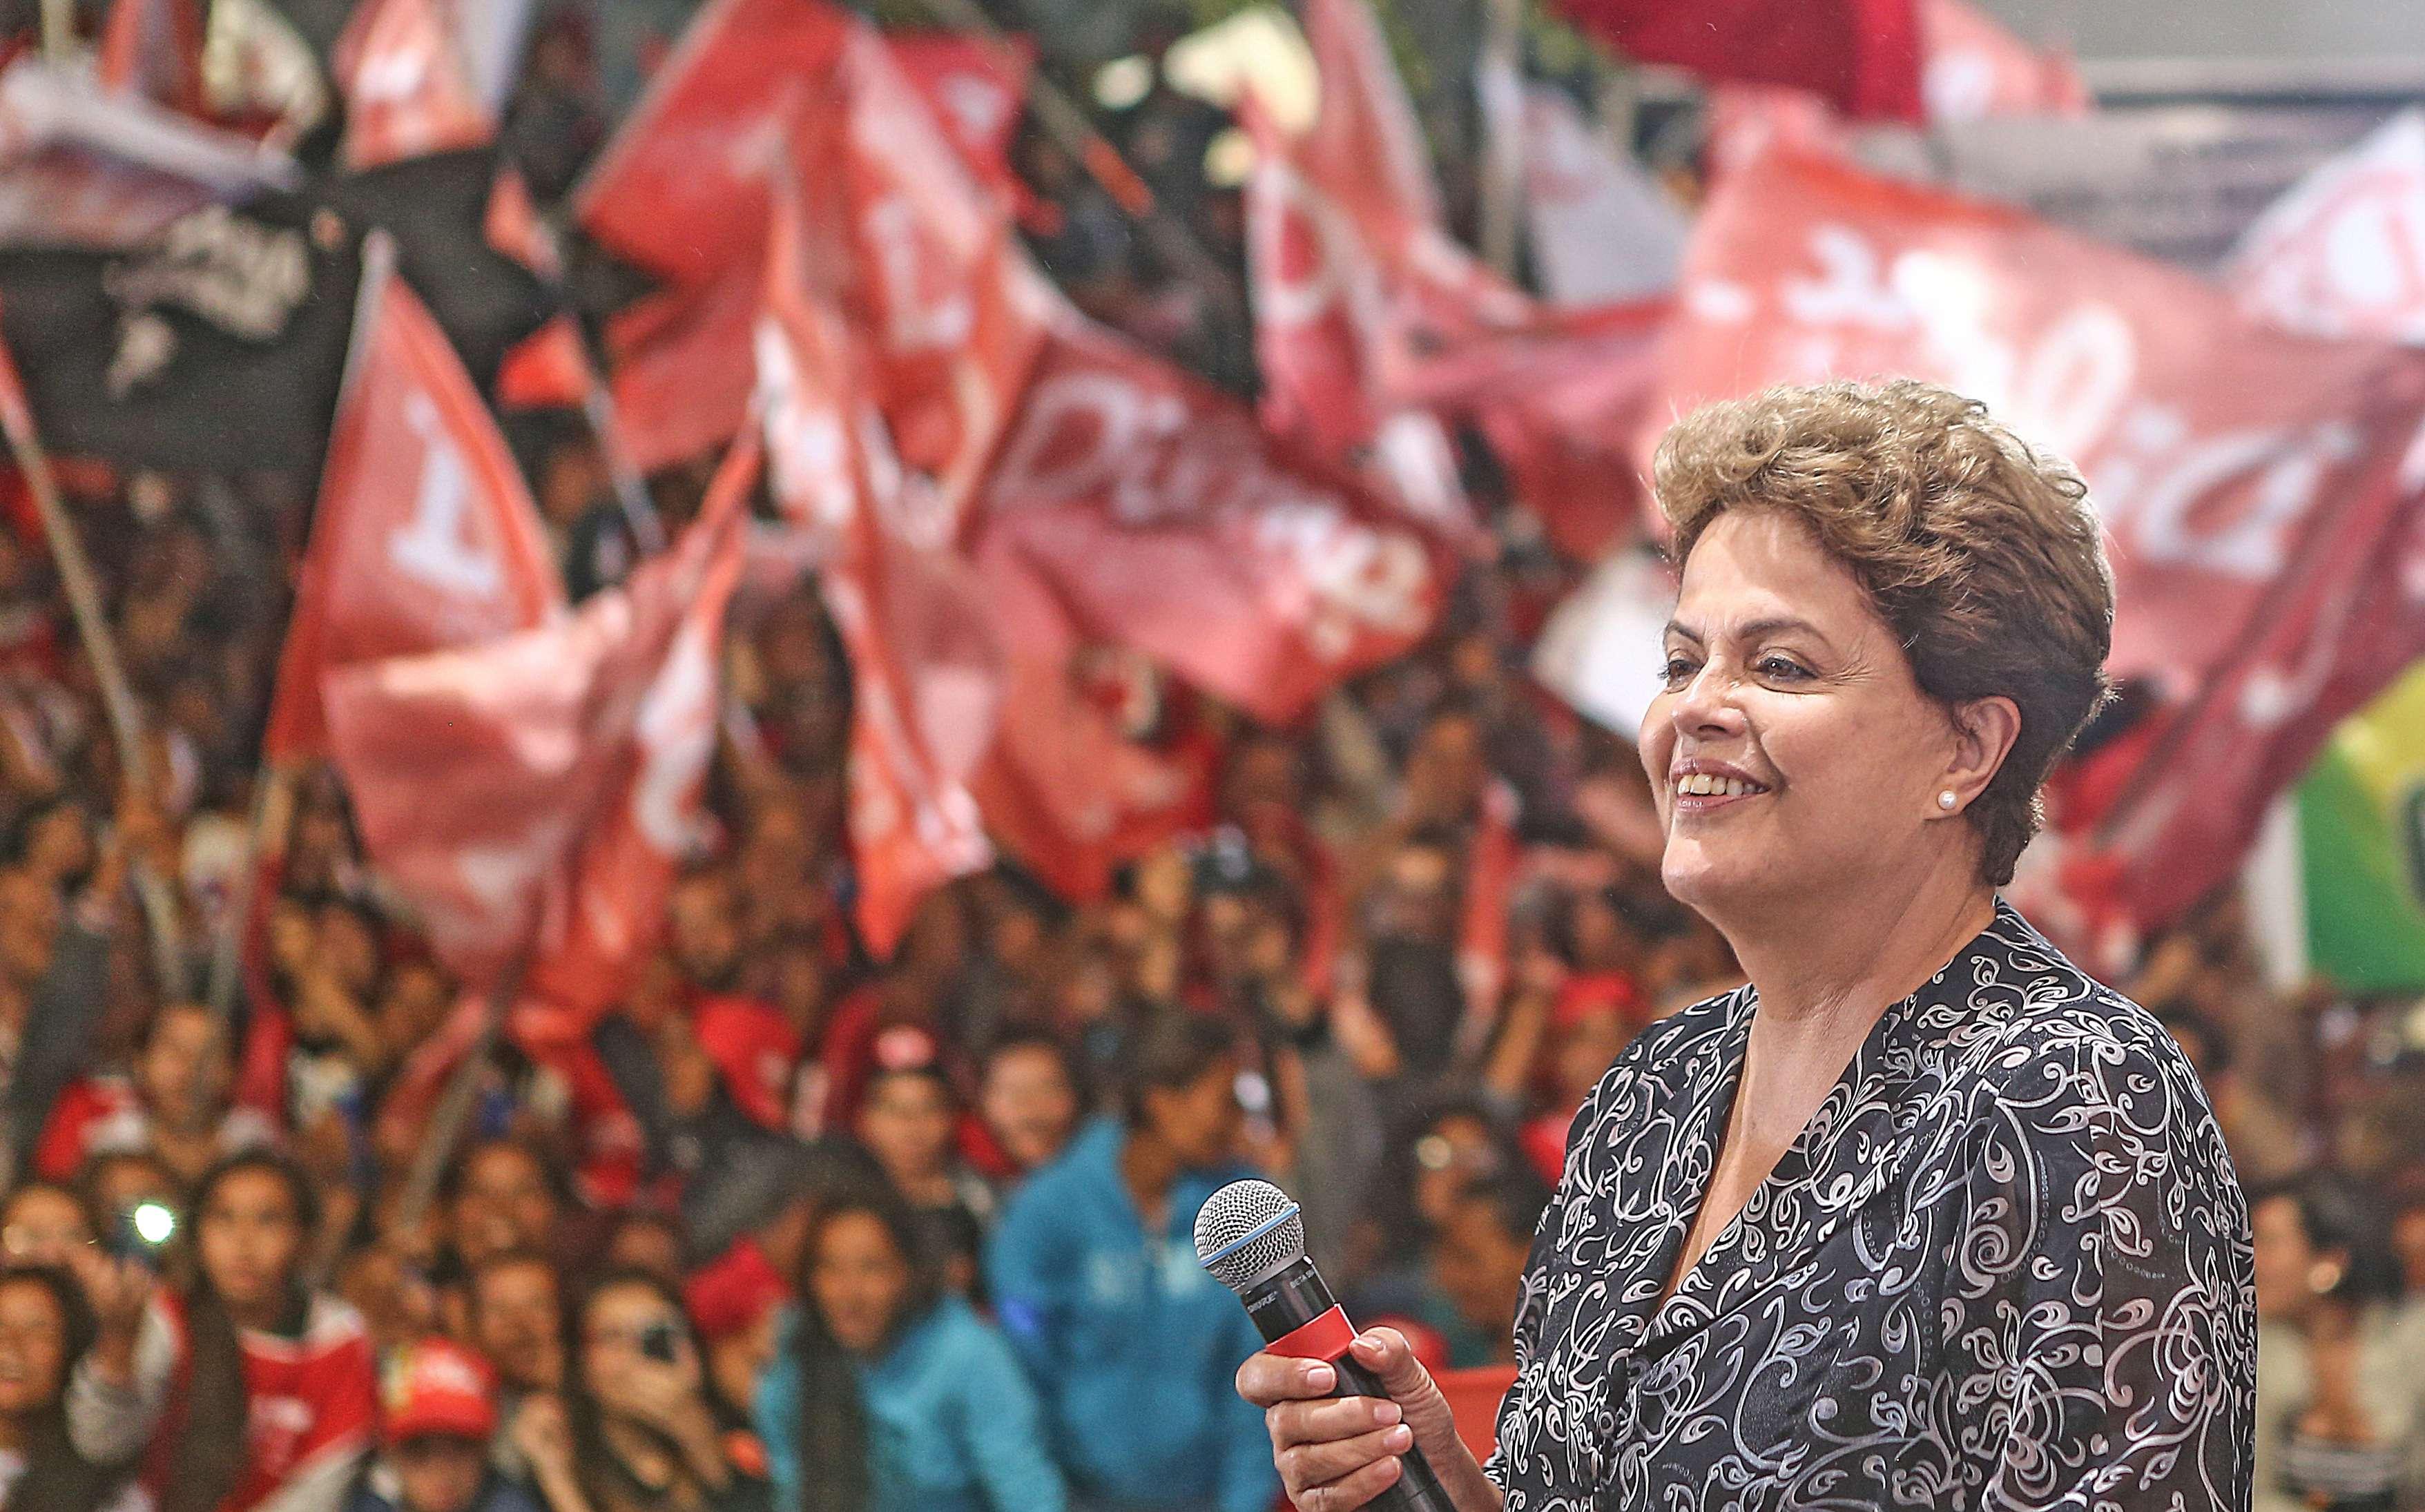 Em encontro na periferia de São Paulo, Dilma falou da agressividade nesta campanha eleitoral Foto: Ricardo Stuckert/Instituto Lula/Divulgação